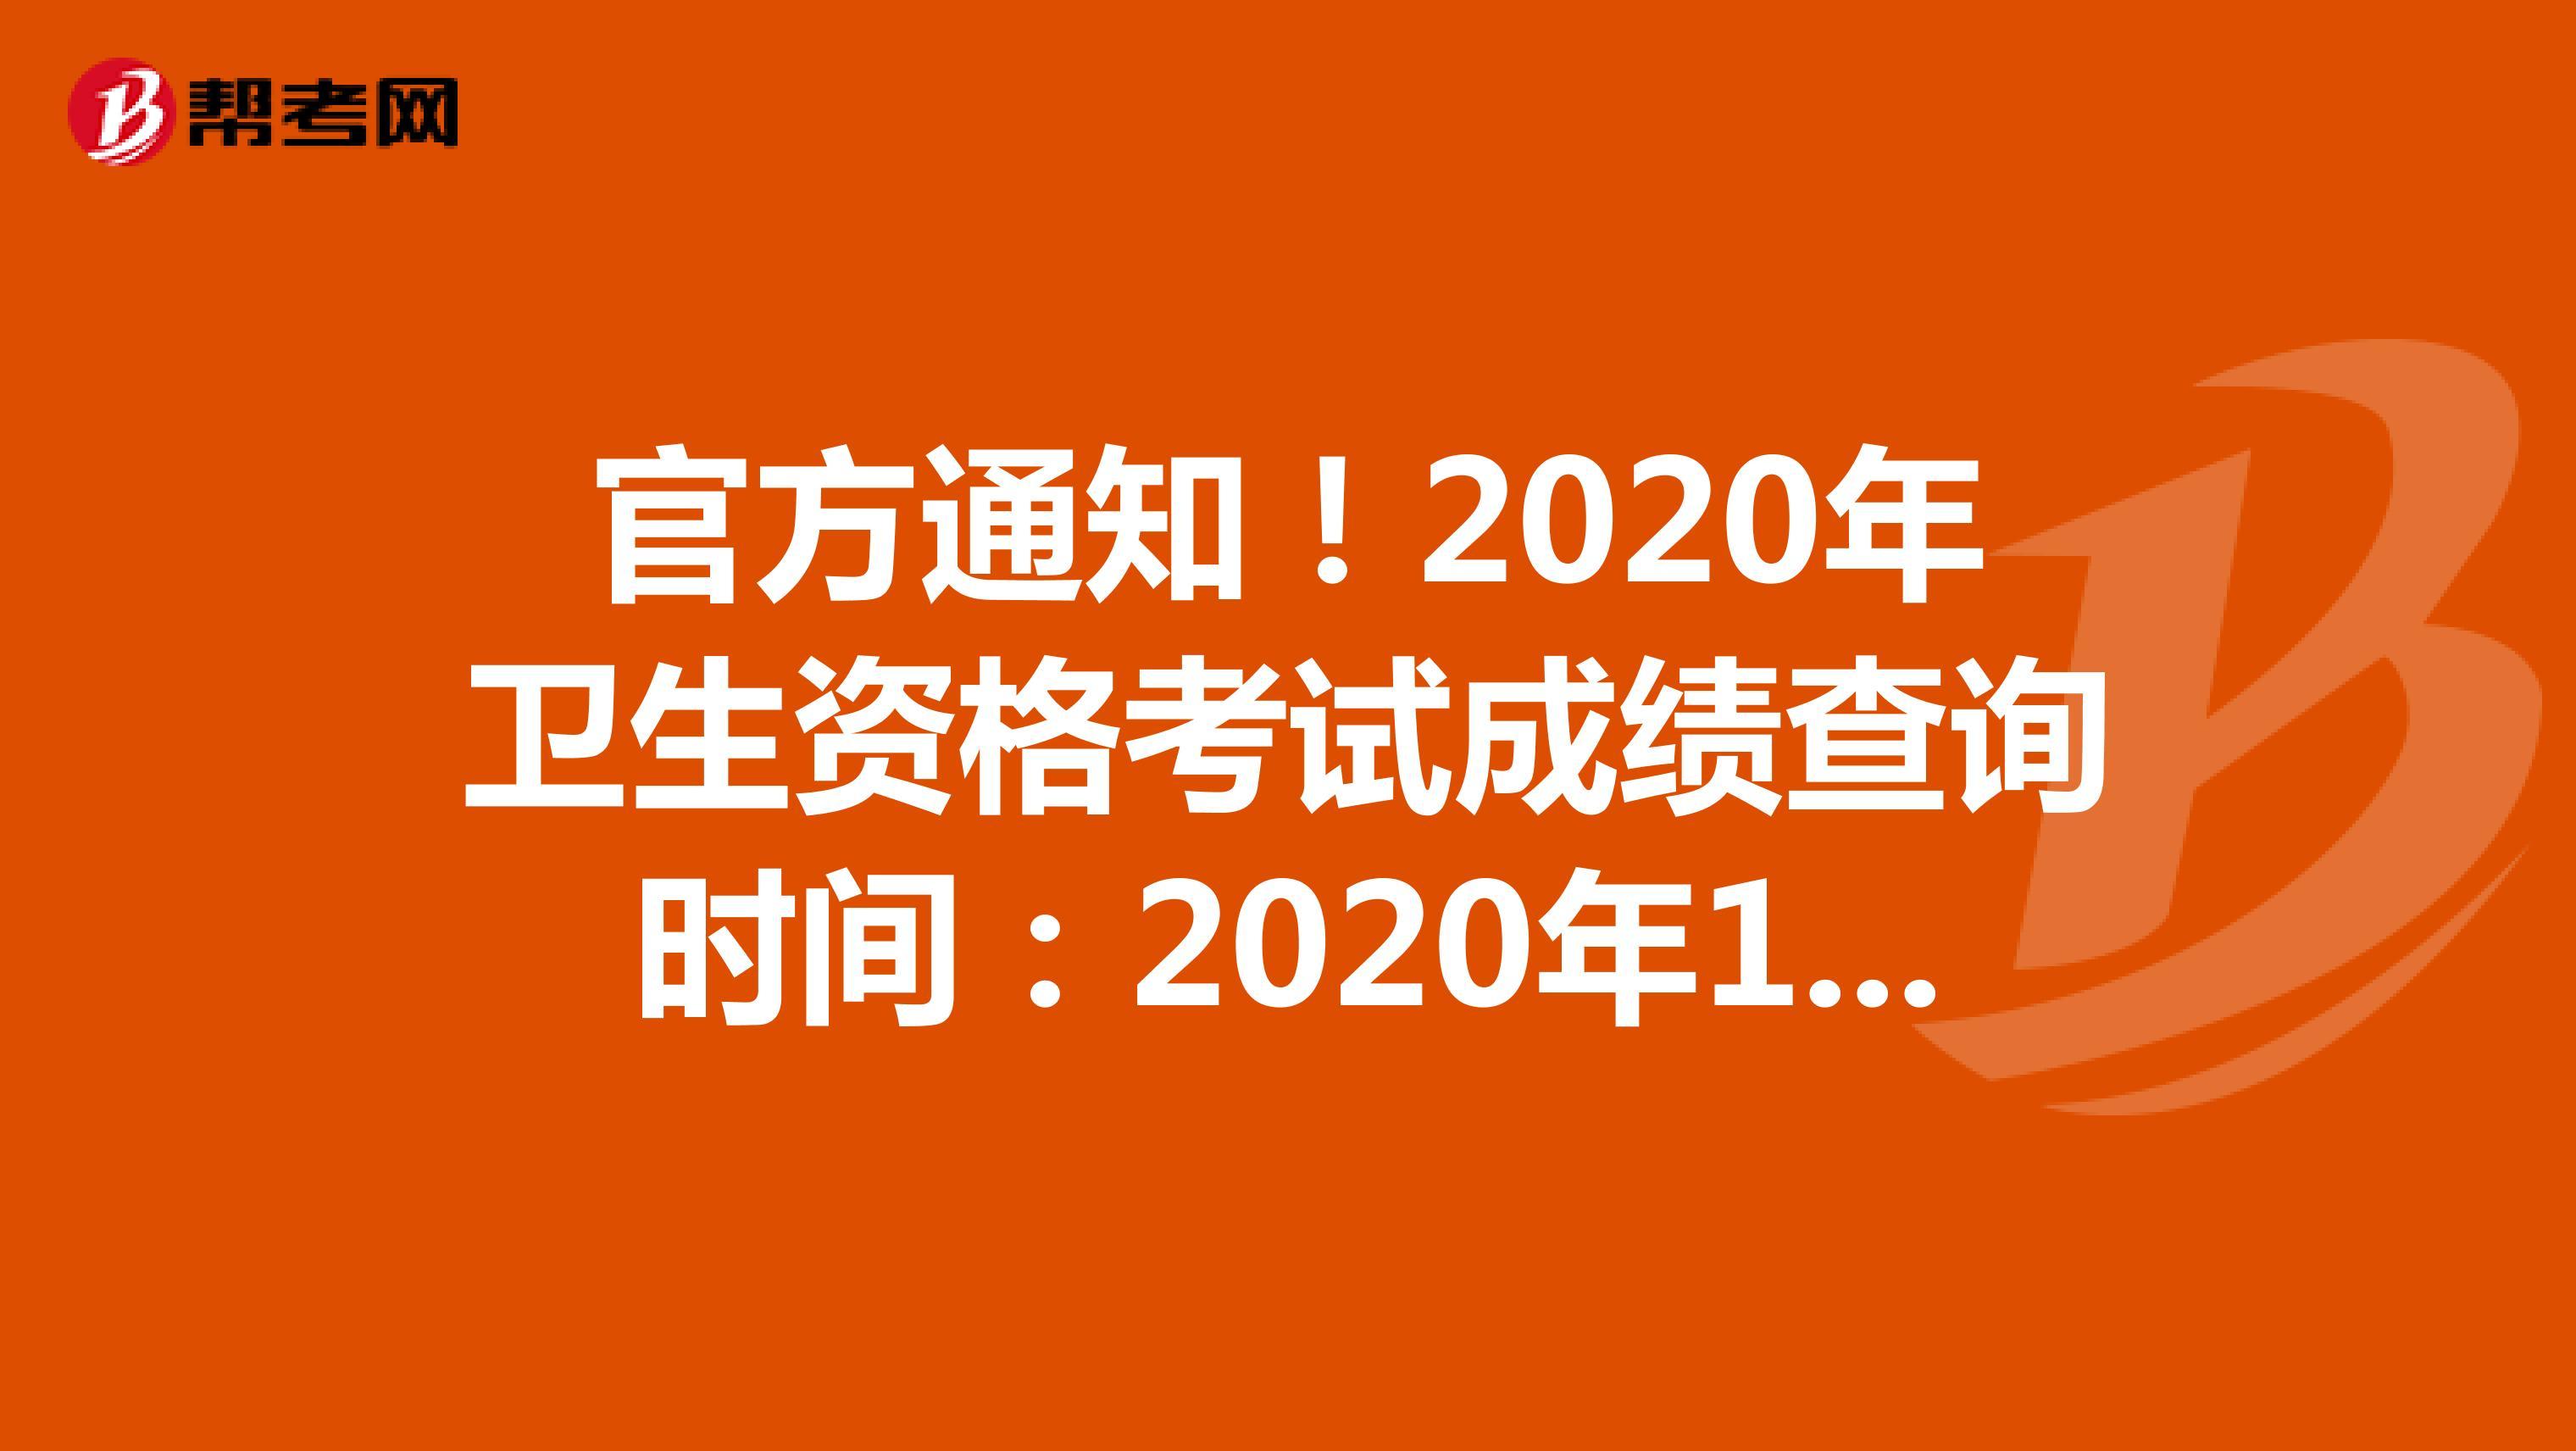 官方通知!2020年卫生资格考试成绩查询时间:2020年11月19日开始